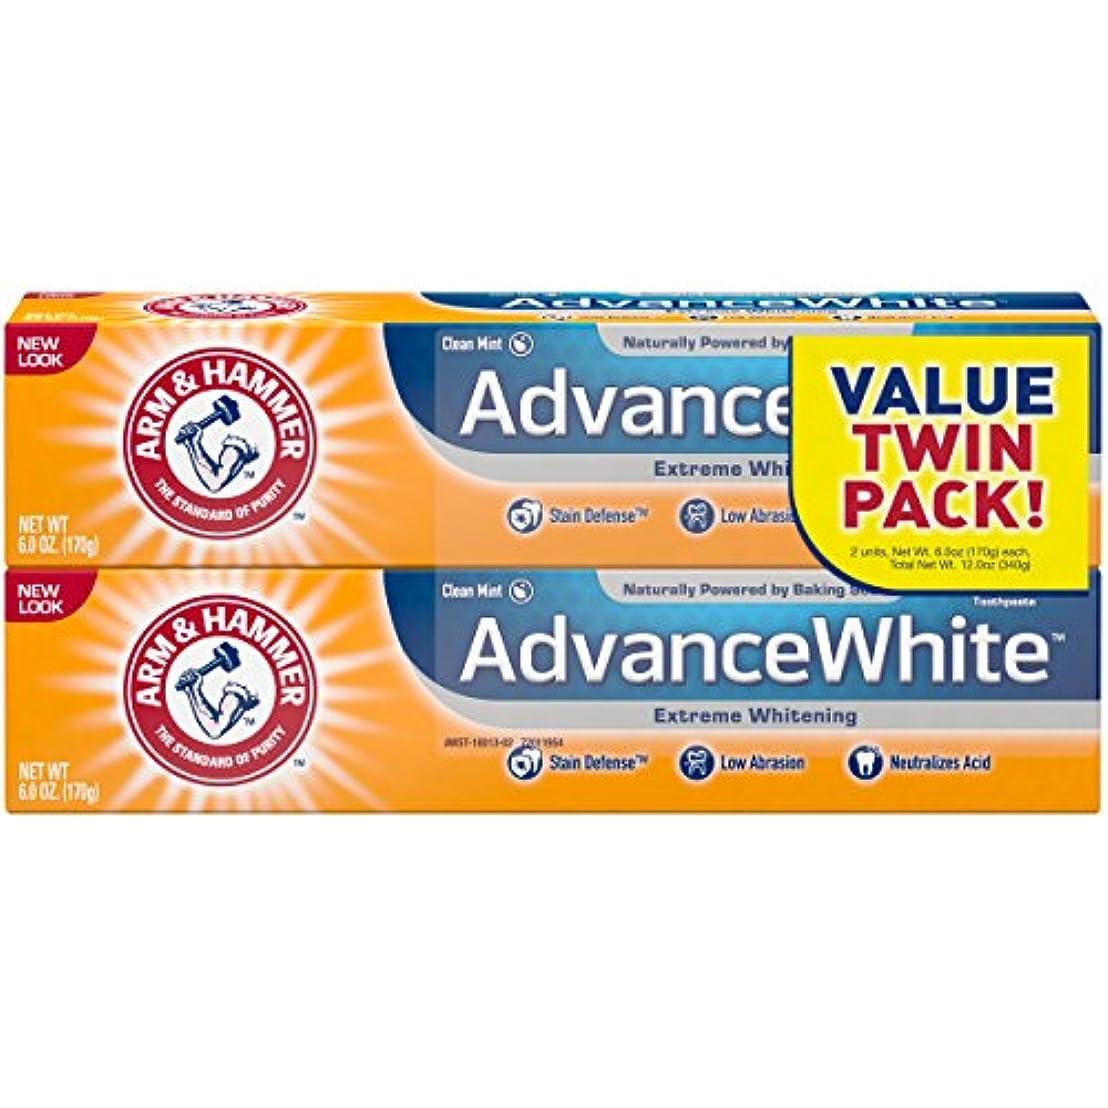 第ダルセットレガシーArm & Hammer アーム&ハマー アドバンス ホワイト 歯磨き粉 2個パック Toothpaste with Baking Soda & Peroxide